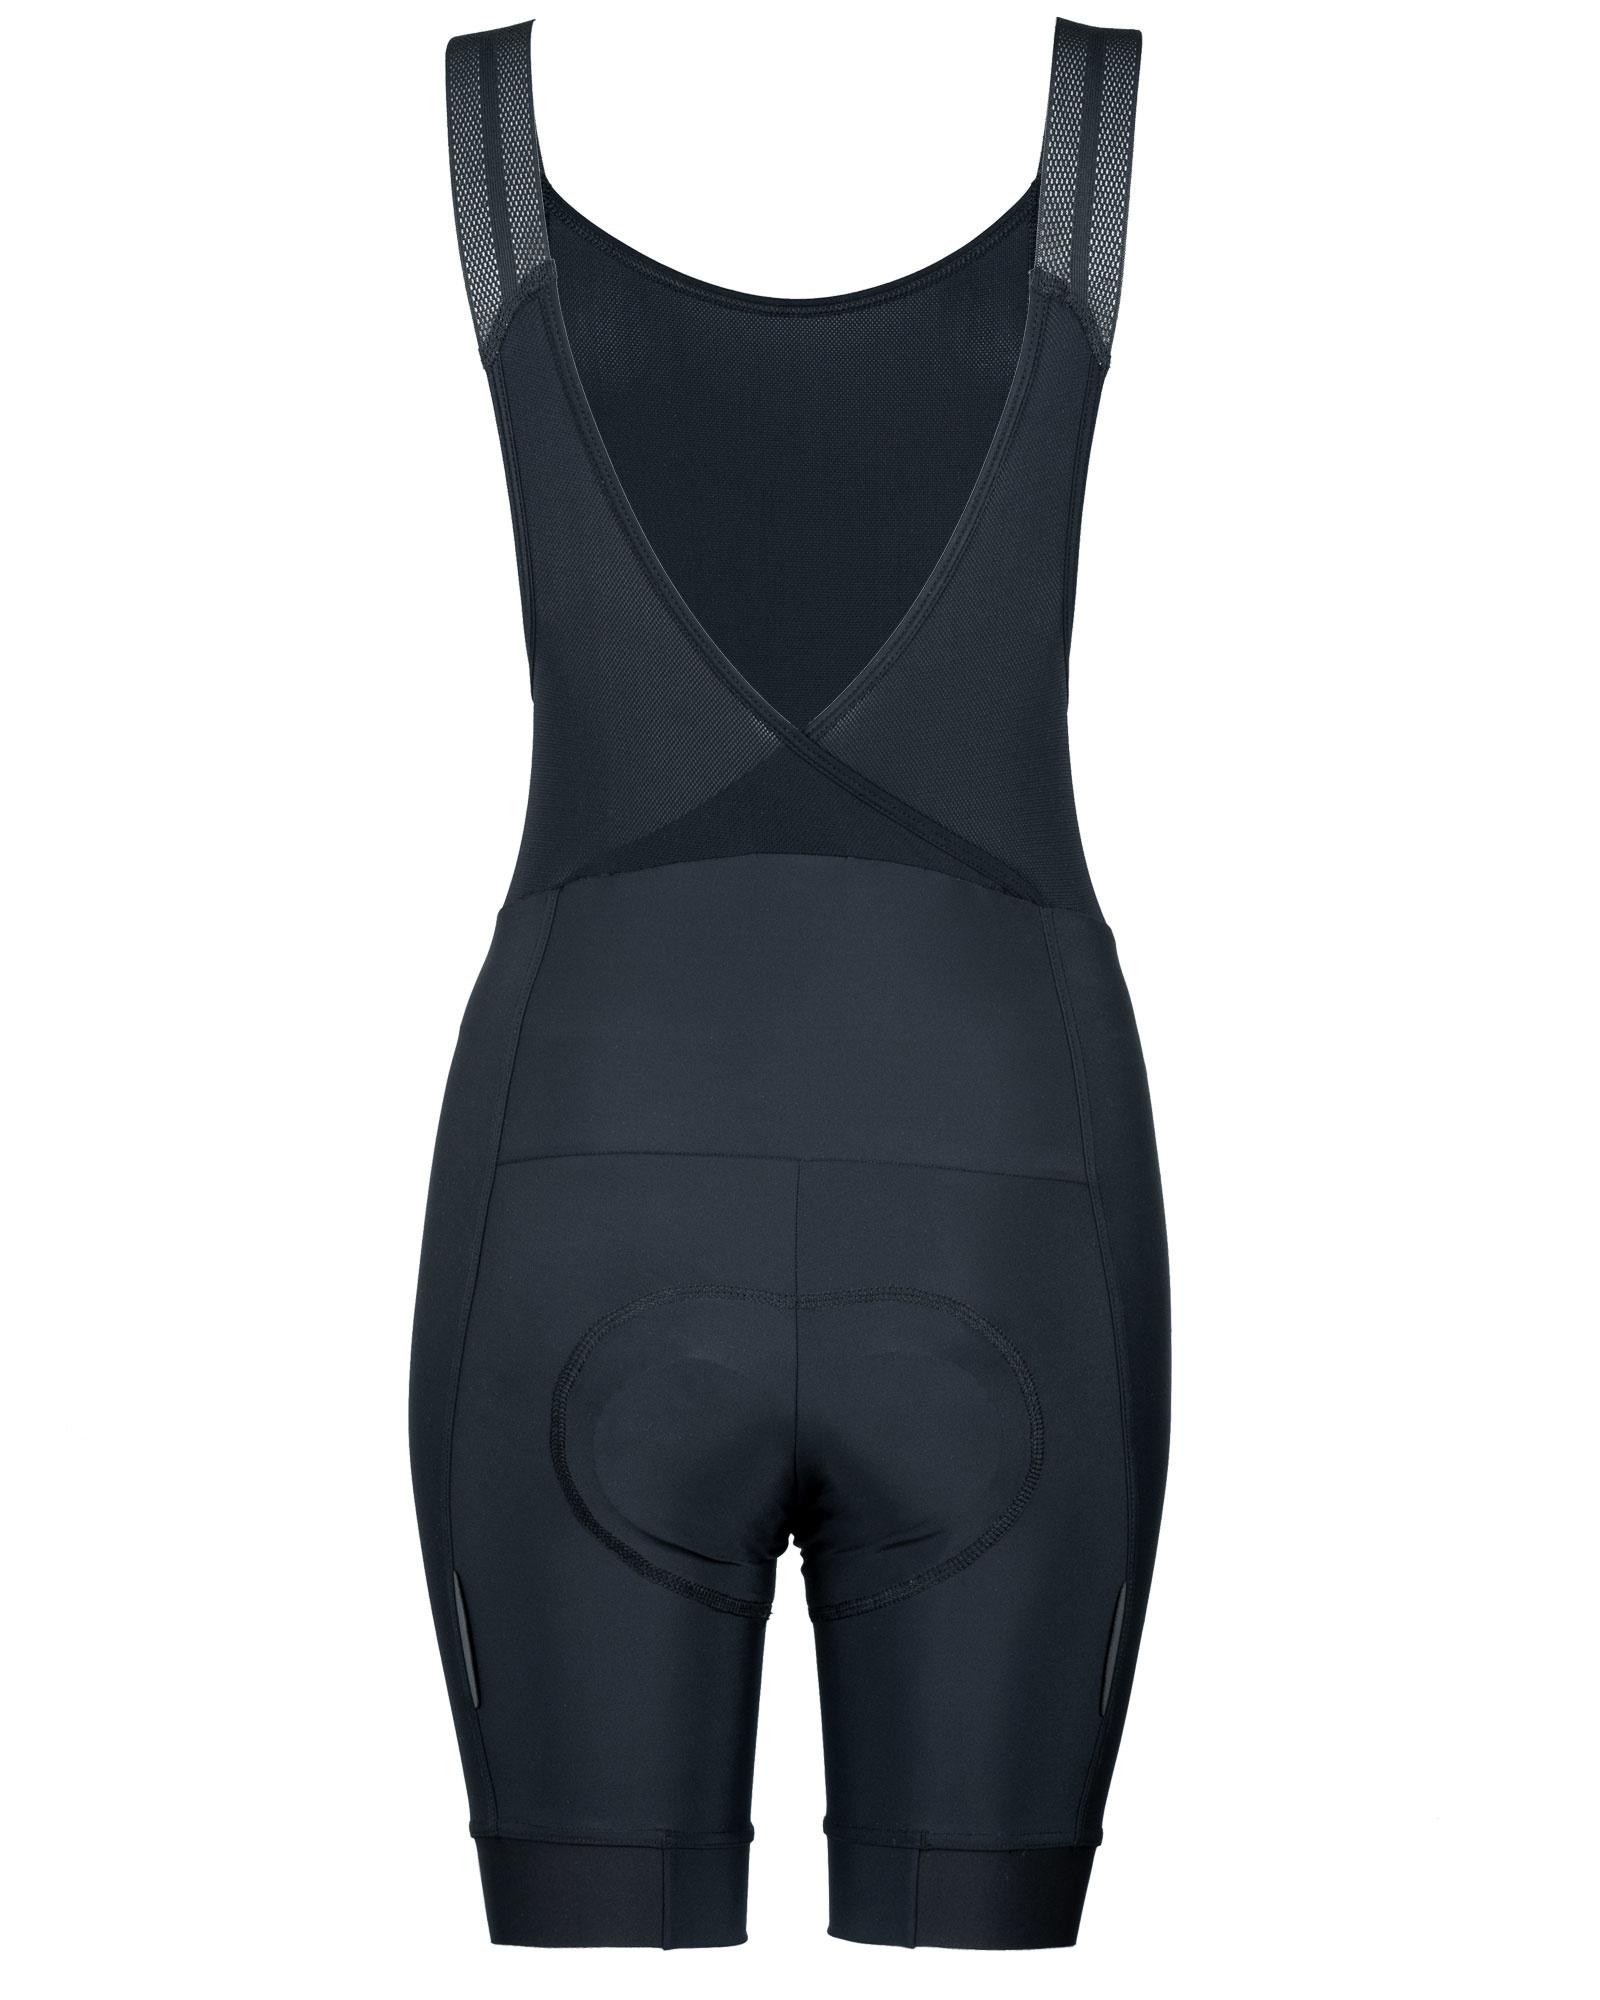 Women's Rouleur Bib Shorts | Black-2